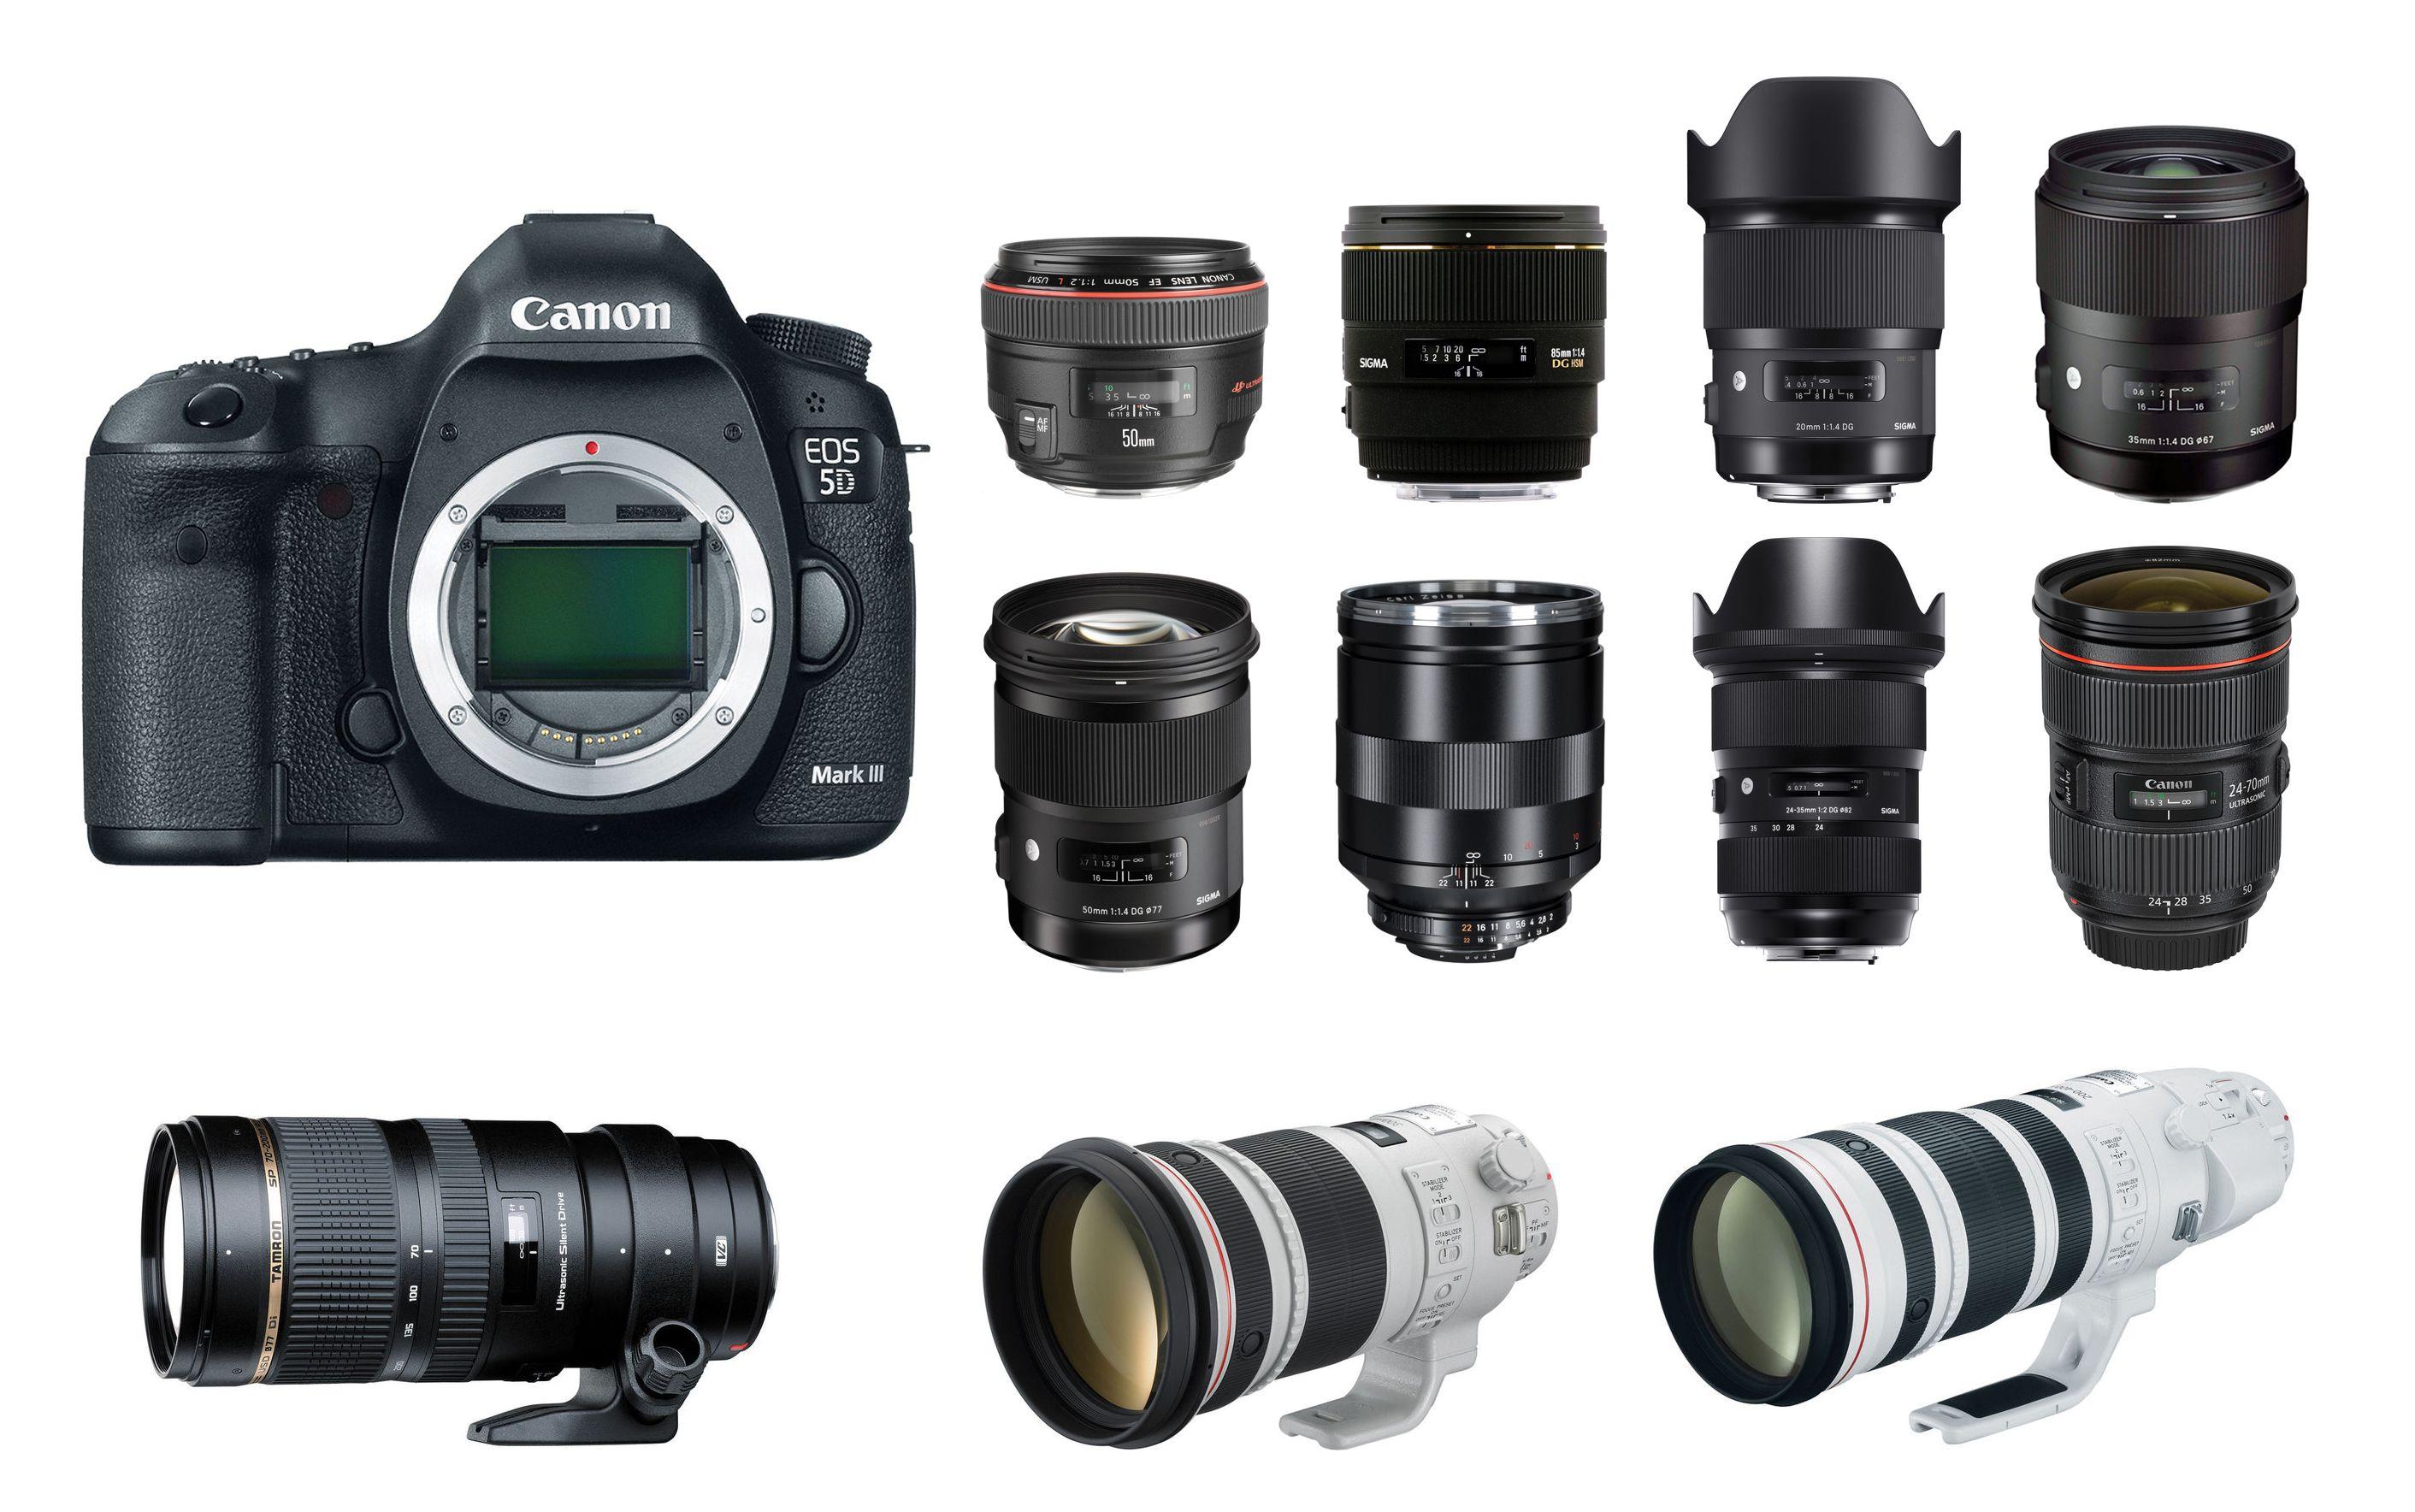 Best Lenses For Canon Eos 5d Mark Iii Canon Lens Canon Camera Canon Eos